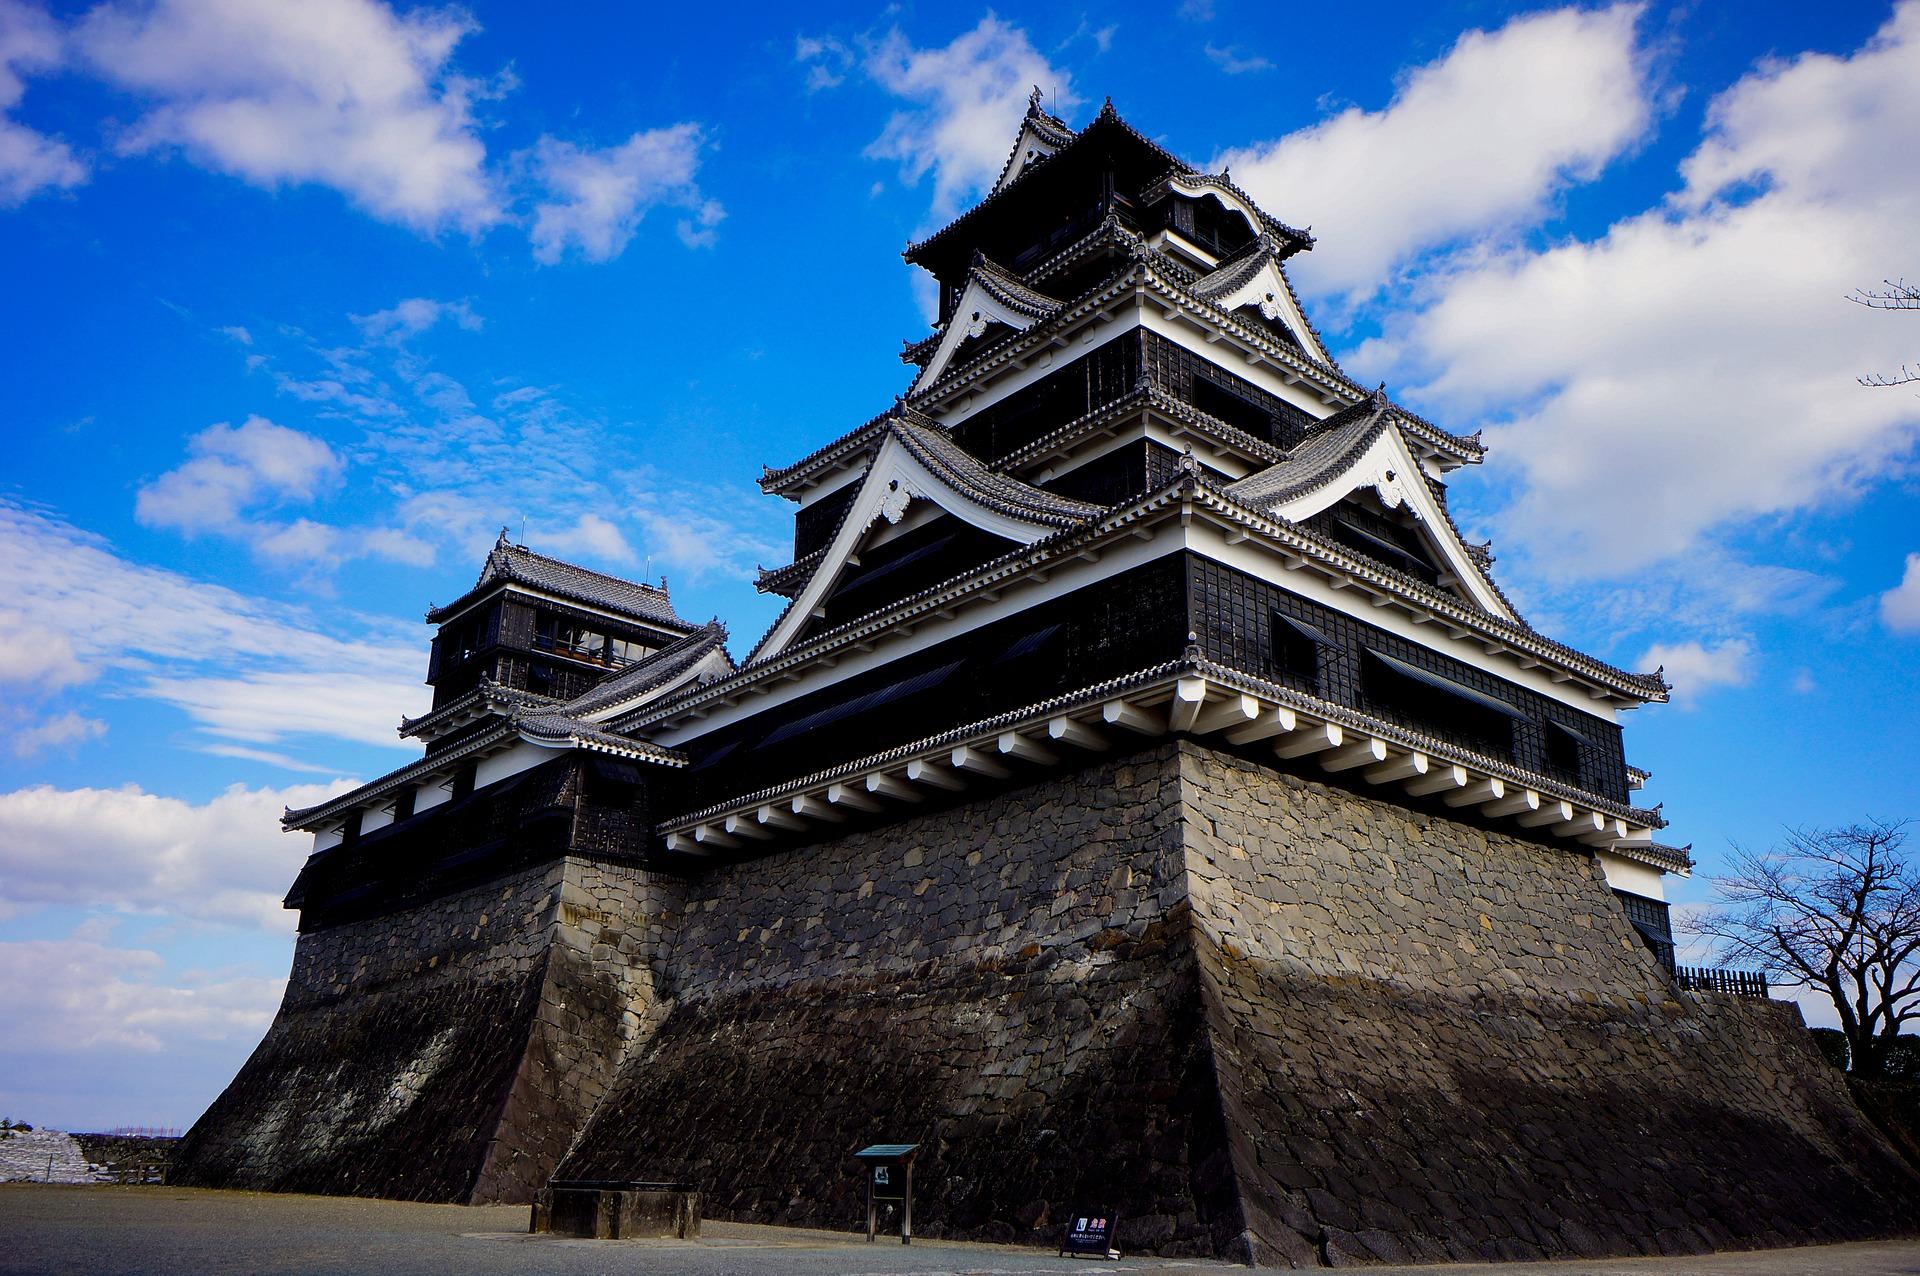 熊本城ってどんな城?城主は誰?【熊本城の歴史をわかり ...